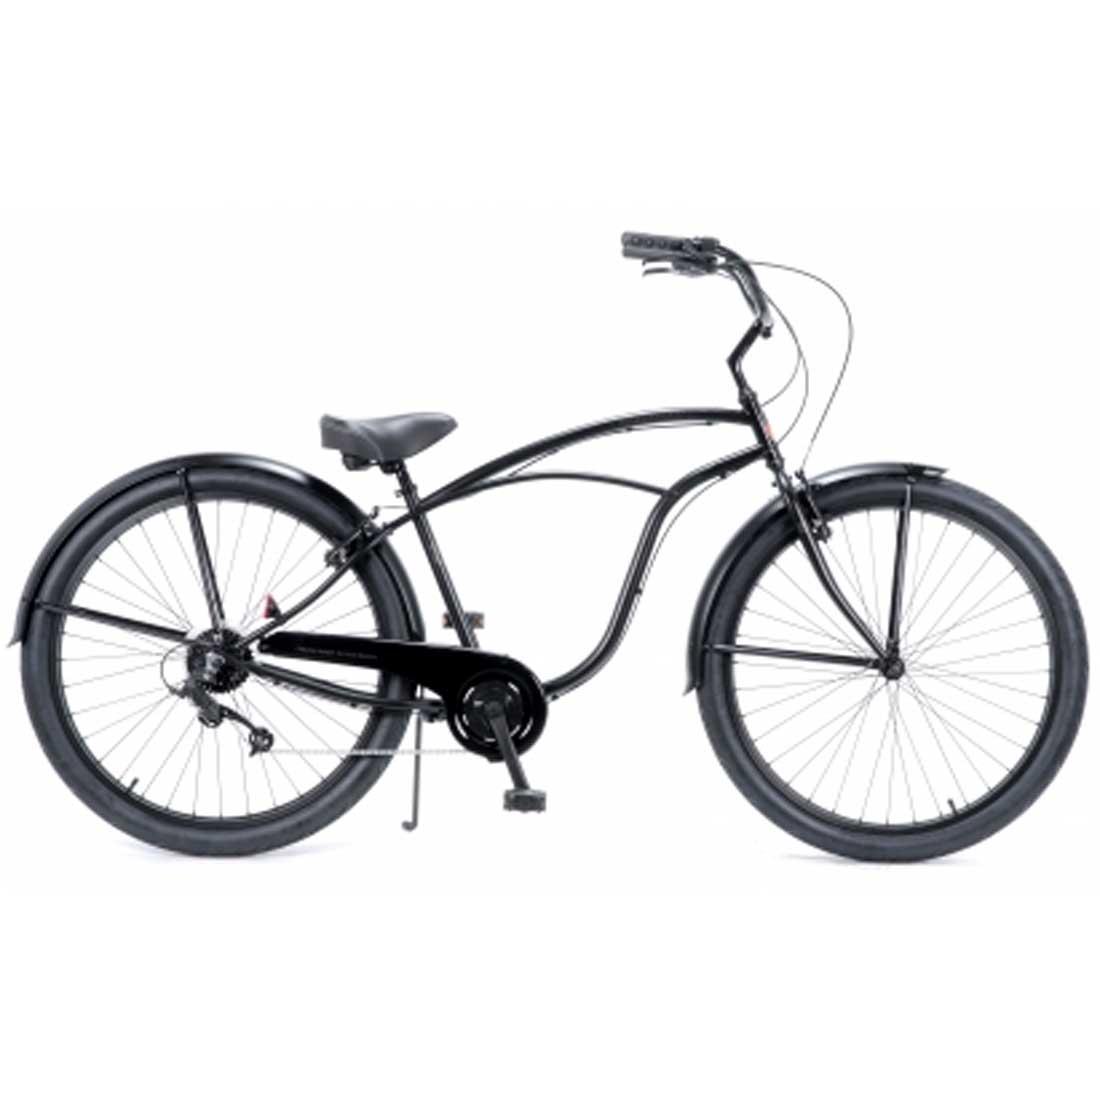 自転車は店舗 鵠沼海岸店 受取で送料無料 自転車 RAINBOW PCH101 29er-8D DARTH-VADER レインボー 8段変速付 おしゃれ 激安通販専門店 全店販売中 29インチ ビーチクルーザー 通勤 メンズ レディース 通学